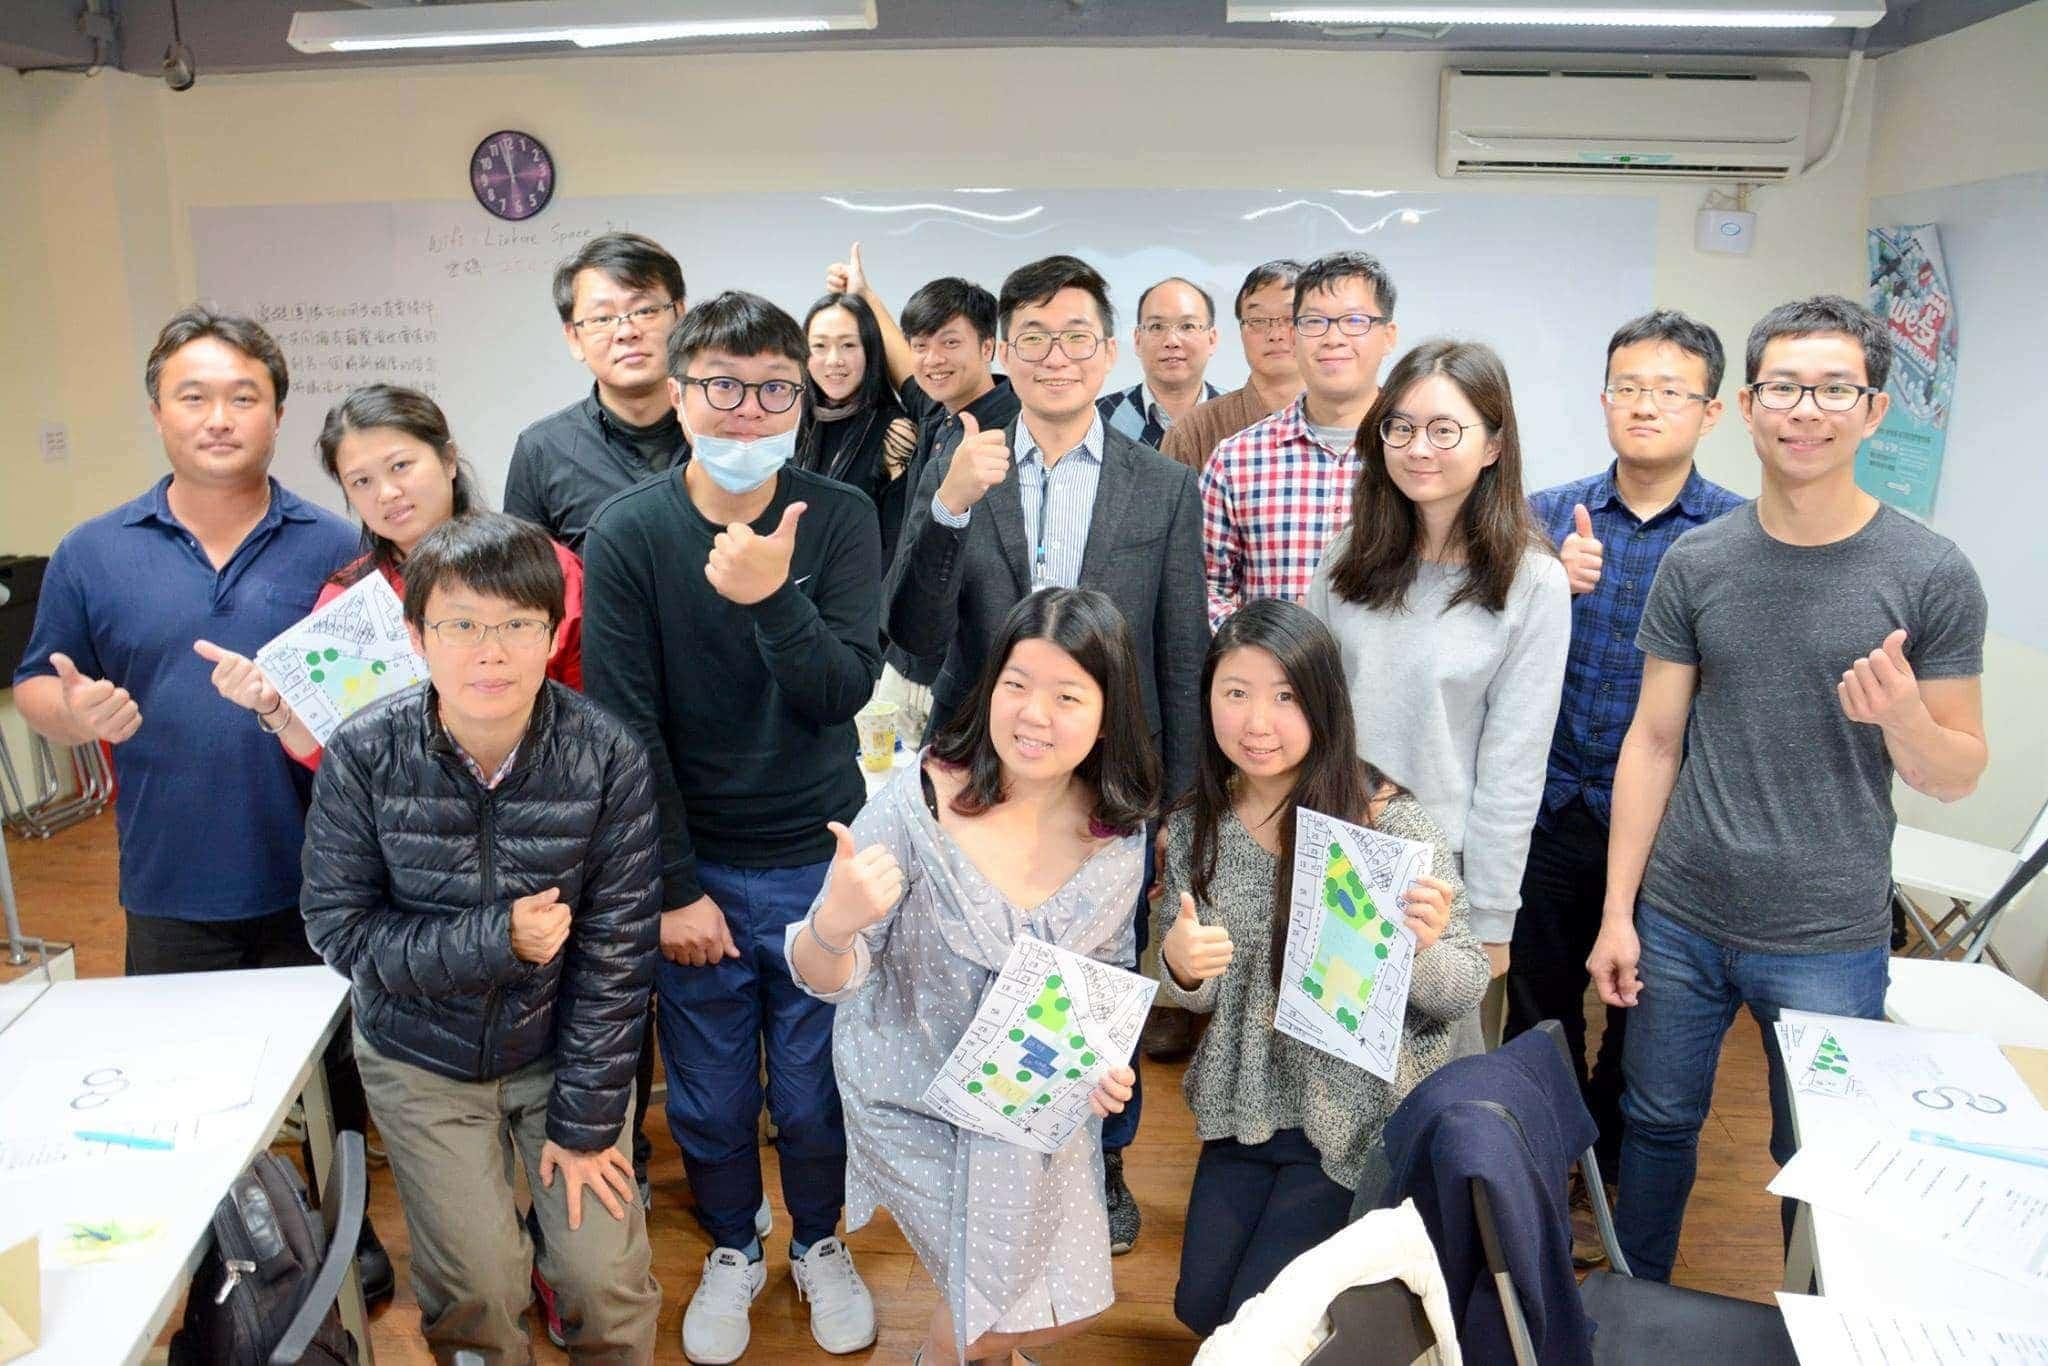 棋奕力-建築設計的快速決策-臺北場 3